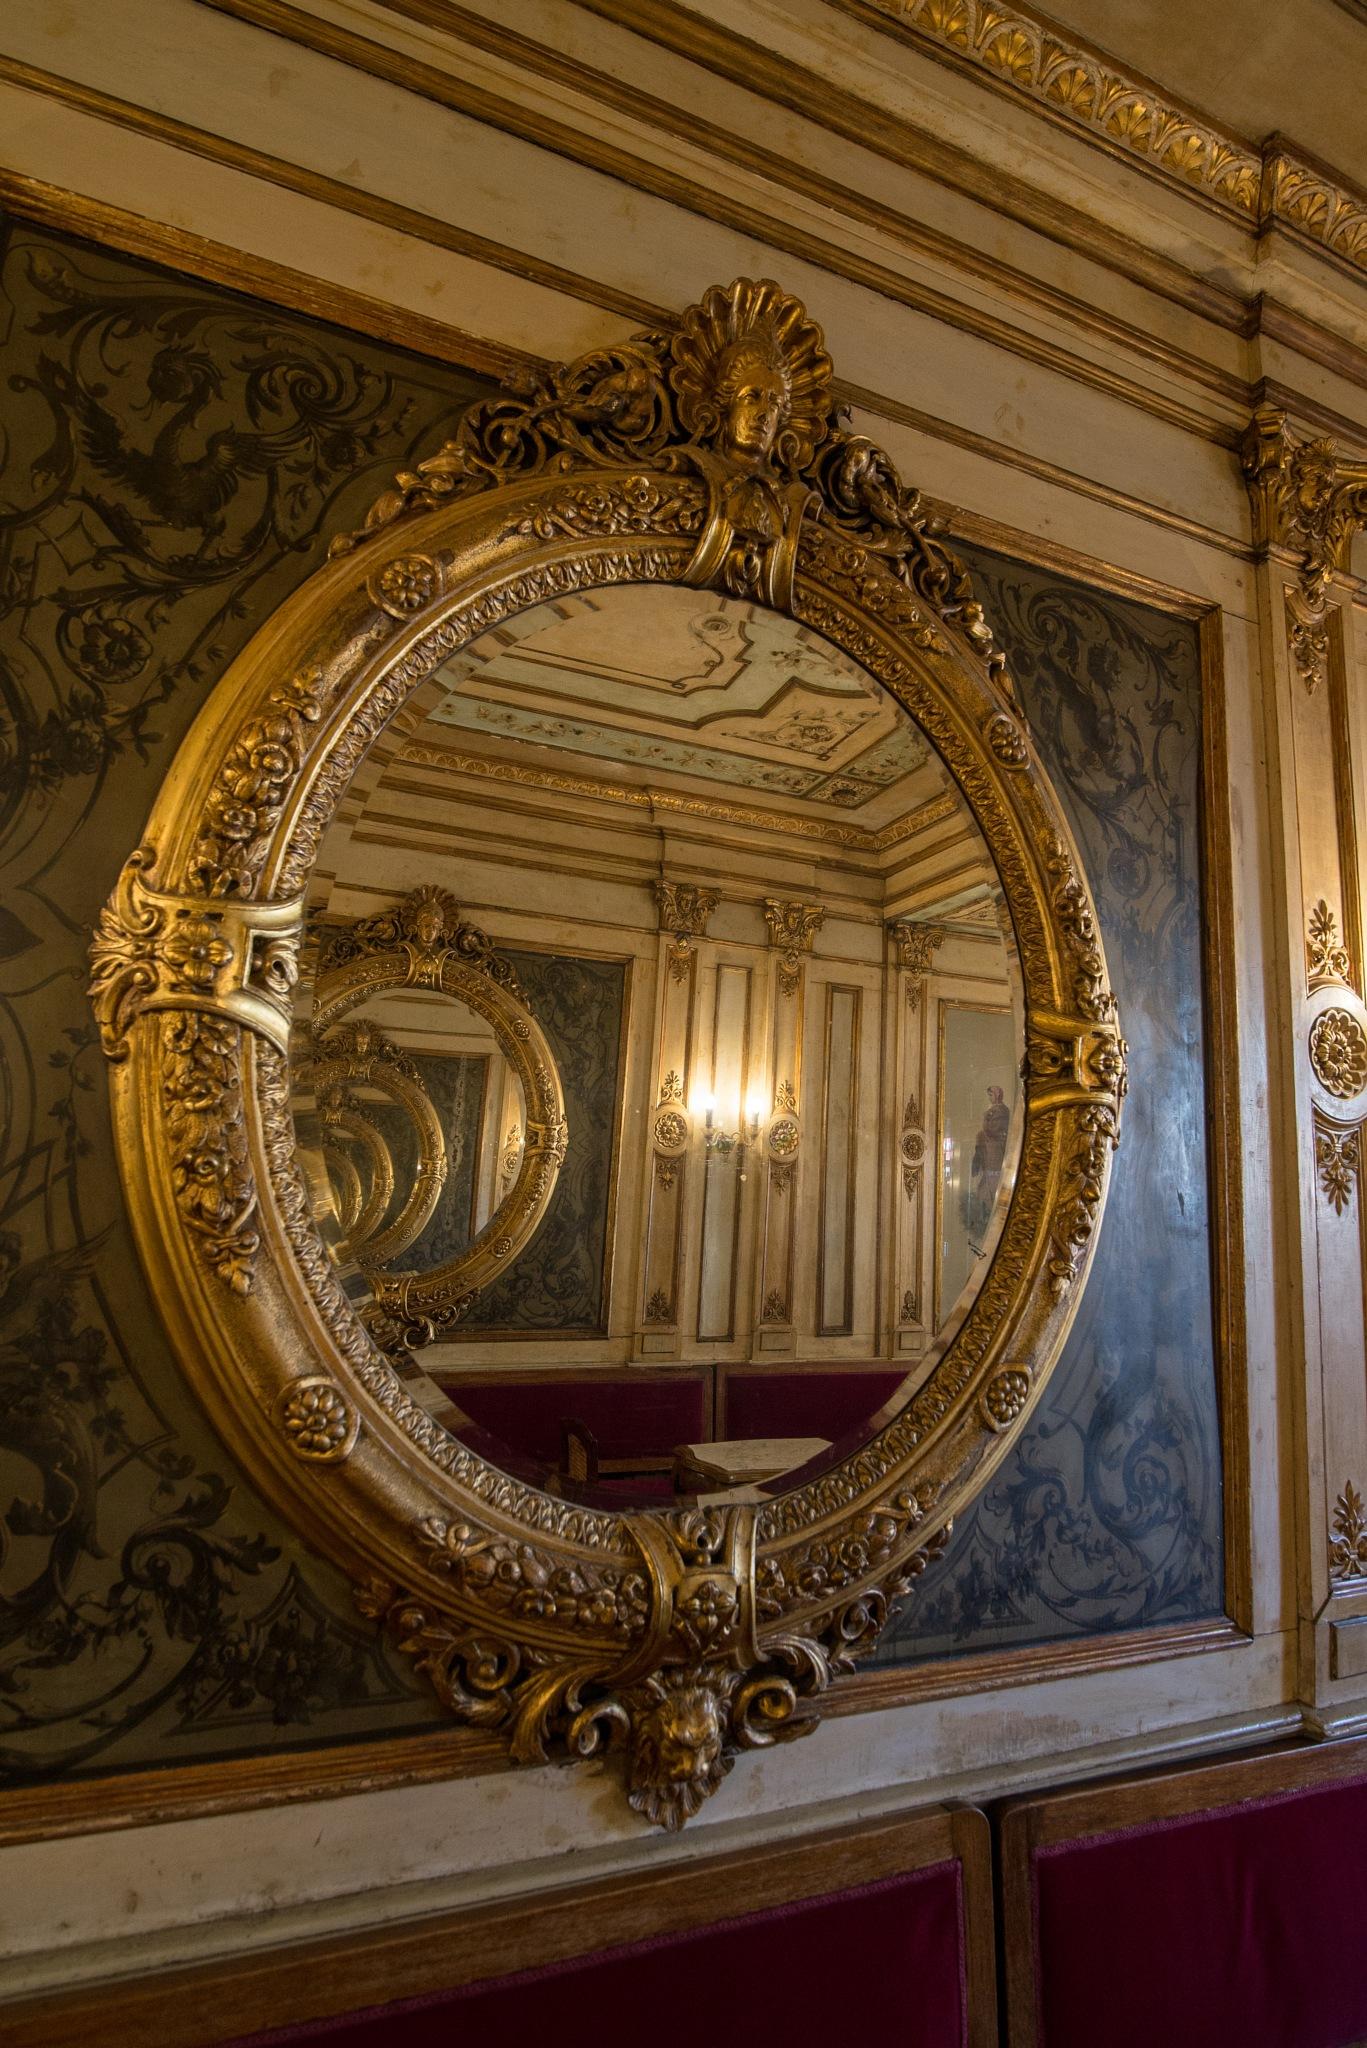 Inside the mirror by Nicola Vianello